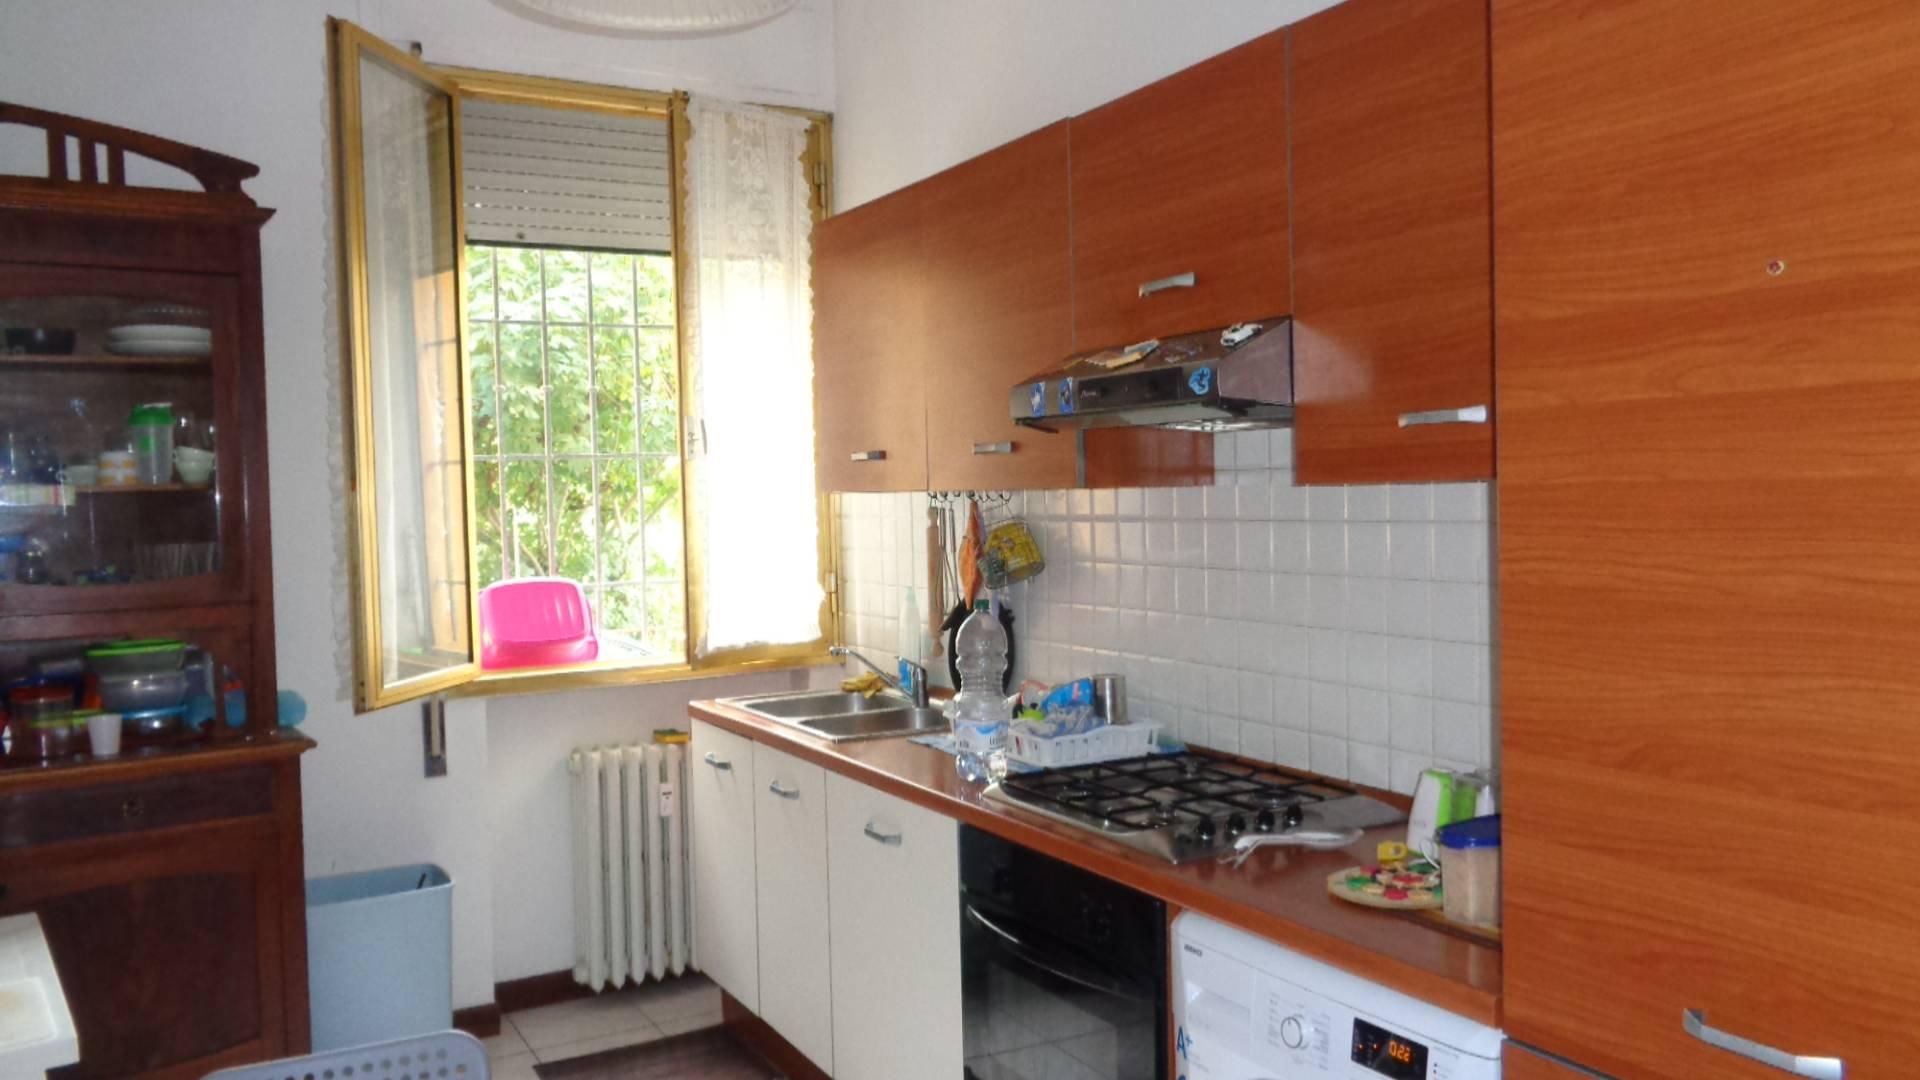 Appartamento con box a Ferrara - viale cavour-corso isonzo - 01